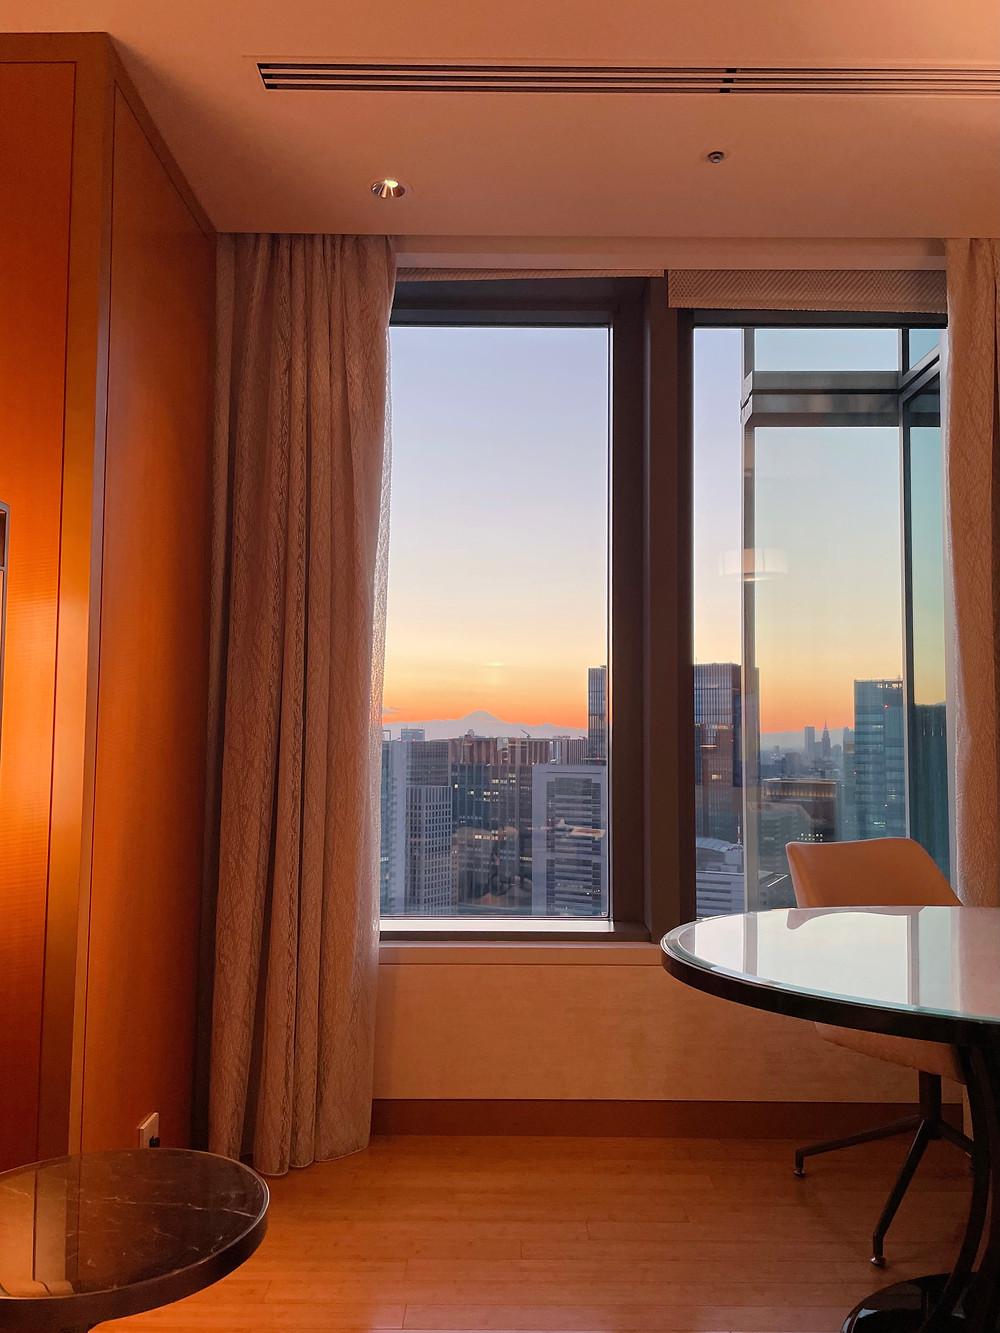 マンダリンオリエンタルホテル東京のマンダリンコーナースイートのリビングルームからの富士山の様子